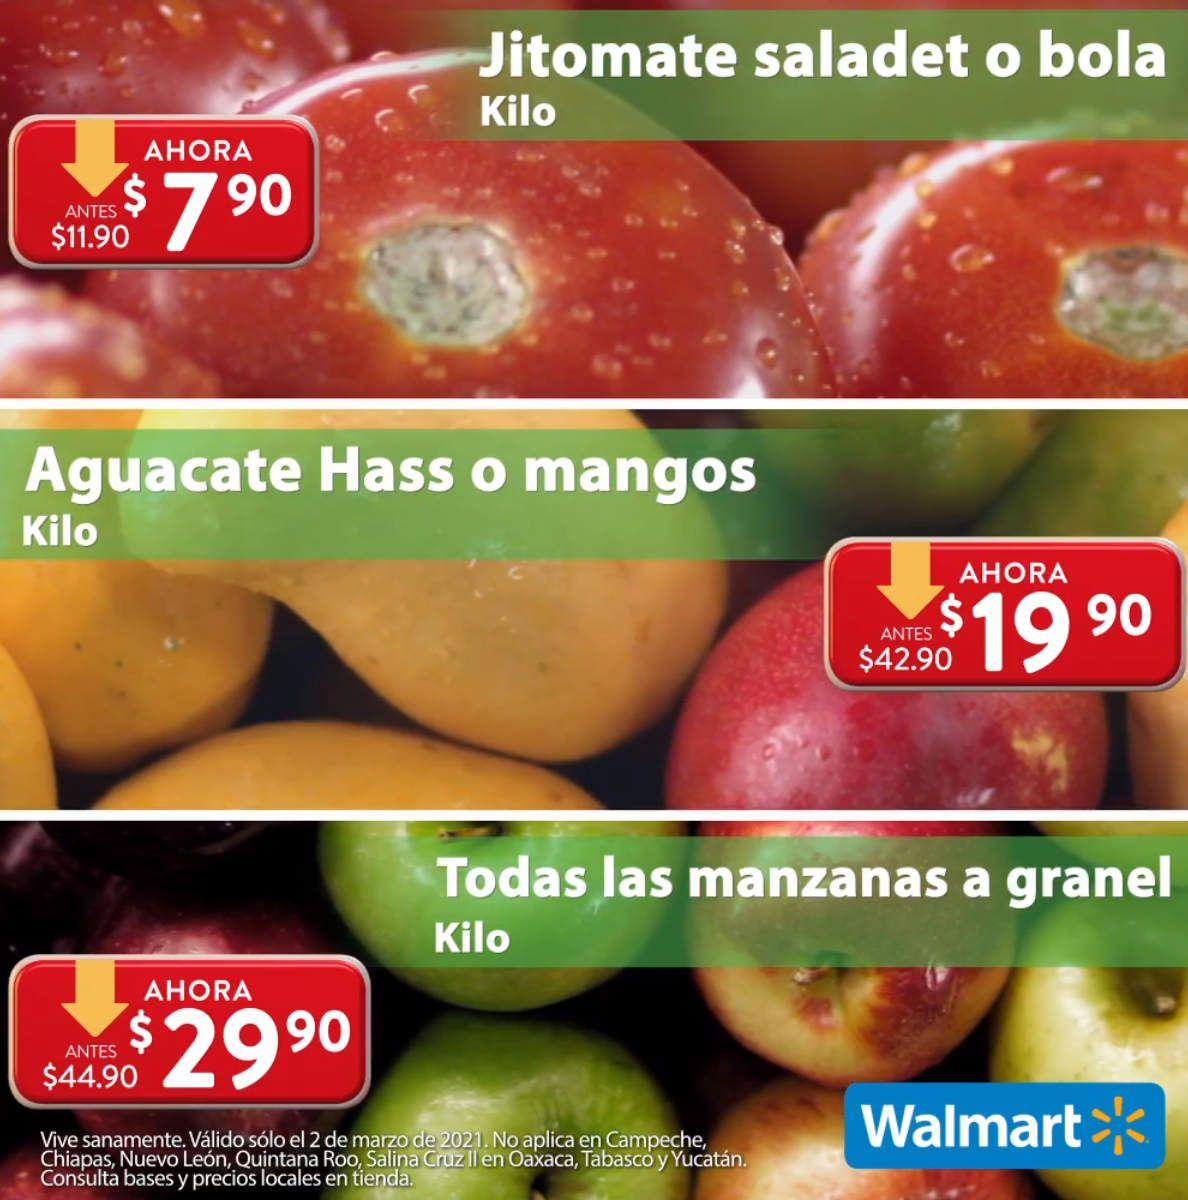 Walmart: Martes de Frescura 2 Marzo: Jitomate Saladet ó Bola $7.90 kg... Aguacate ó Mango Ataulfo ó Paraíso $19.90 kg... Manzanas $29.90 kg.